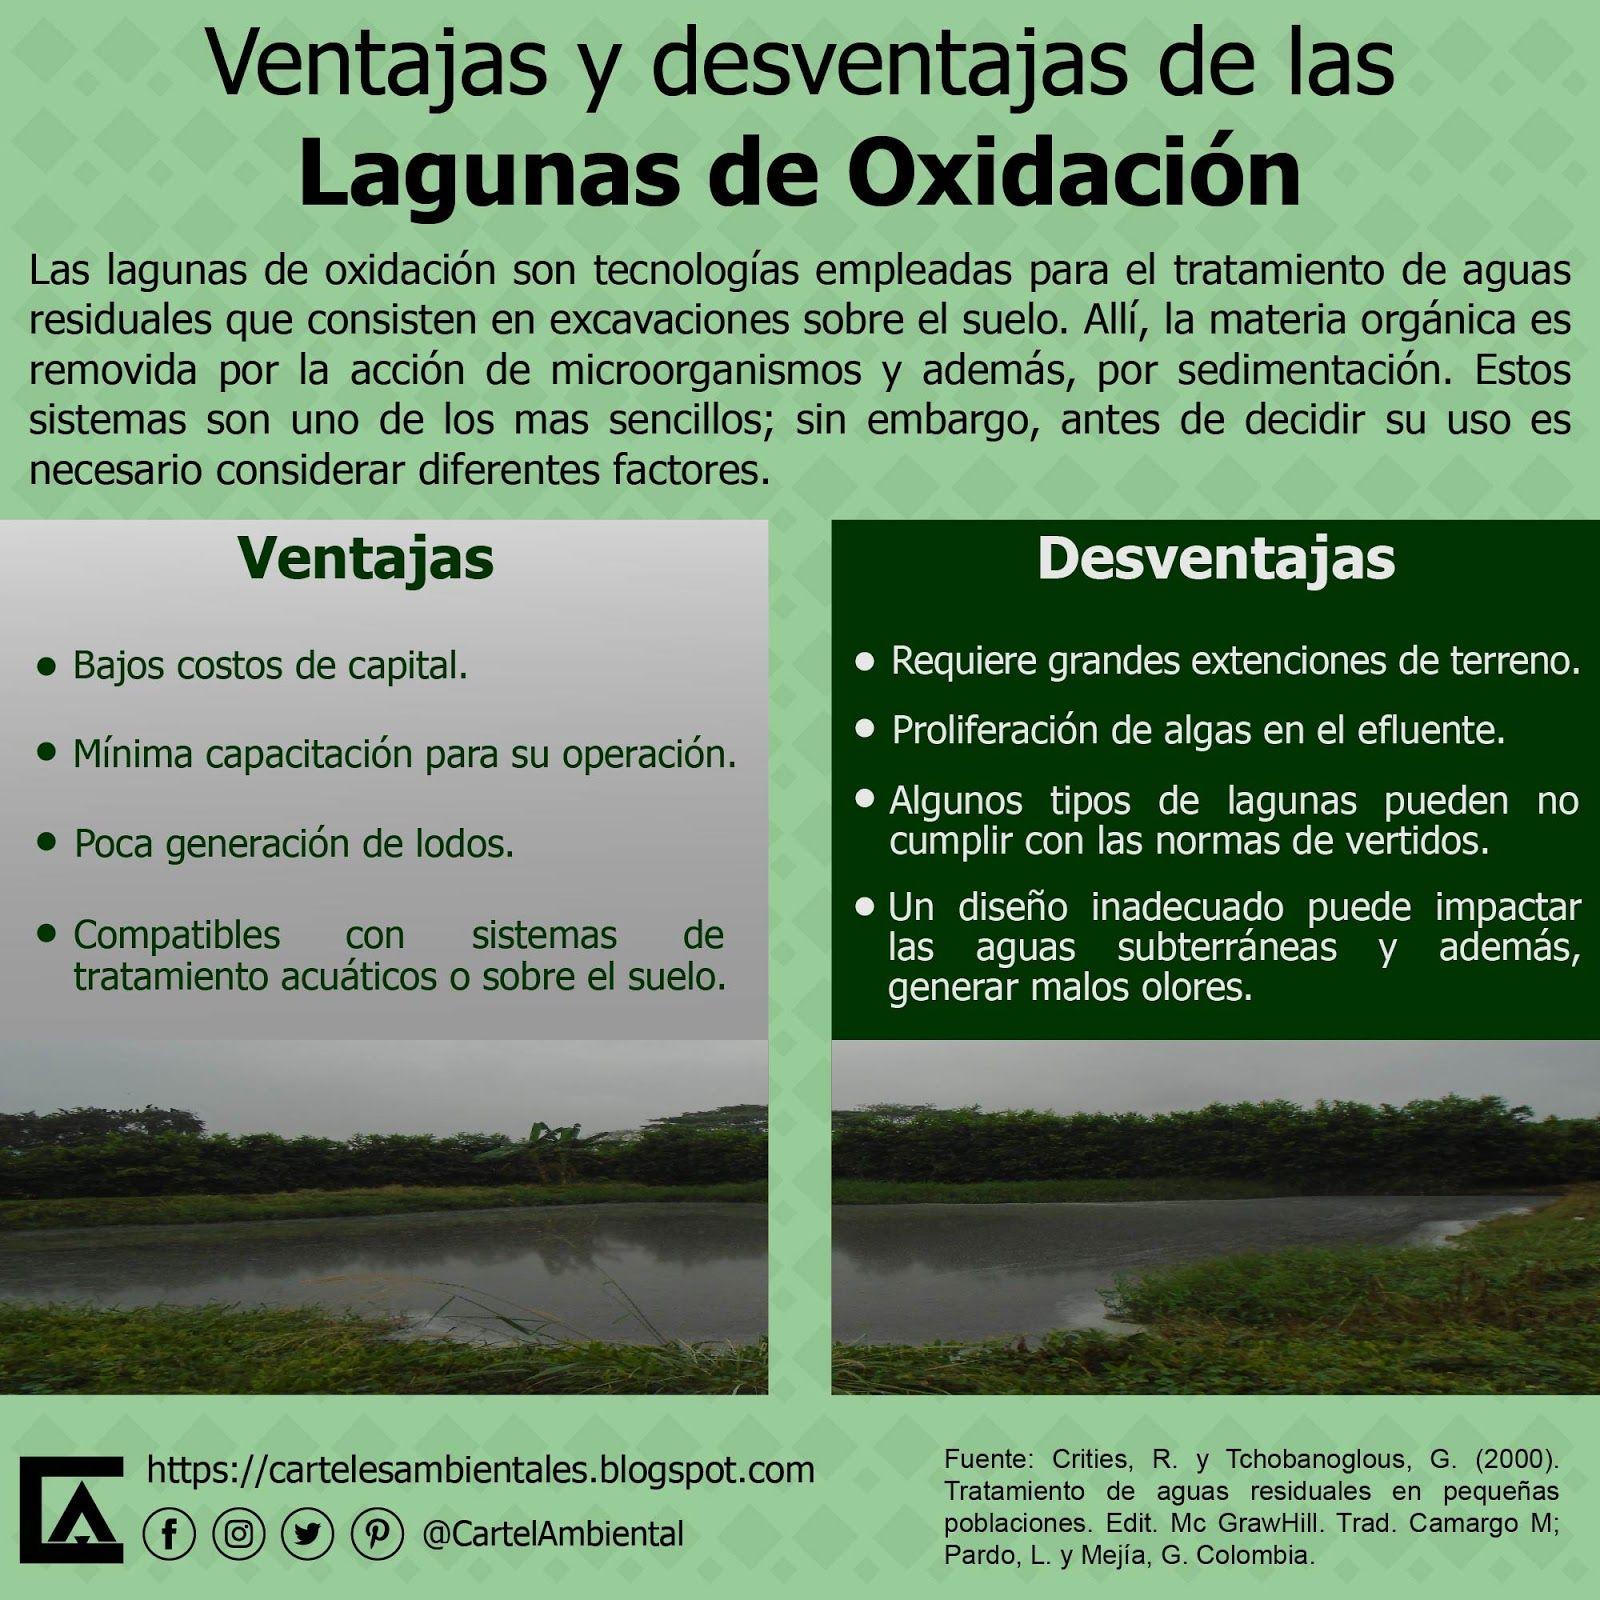 Carteles Ambientales Uso De Lagunas Si O No Ambiente Educaciónambiental Tratami Tratamiento De Aguas Residuales Educacion Ambiental Tratamiento De Aguas